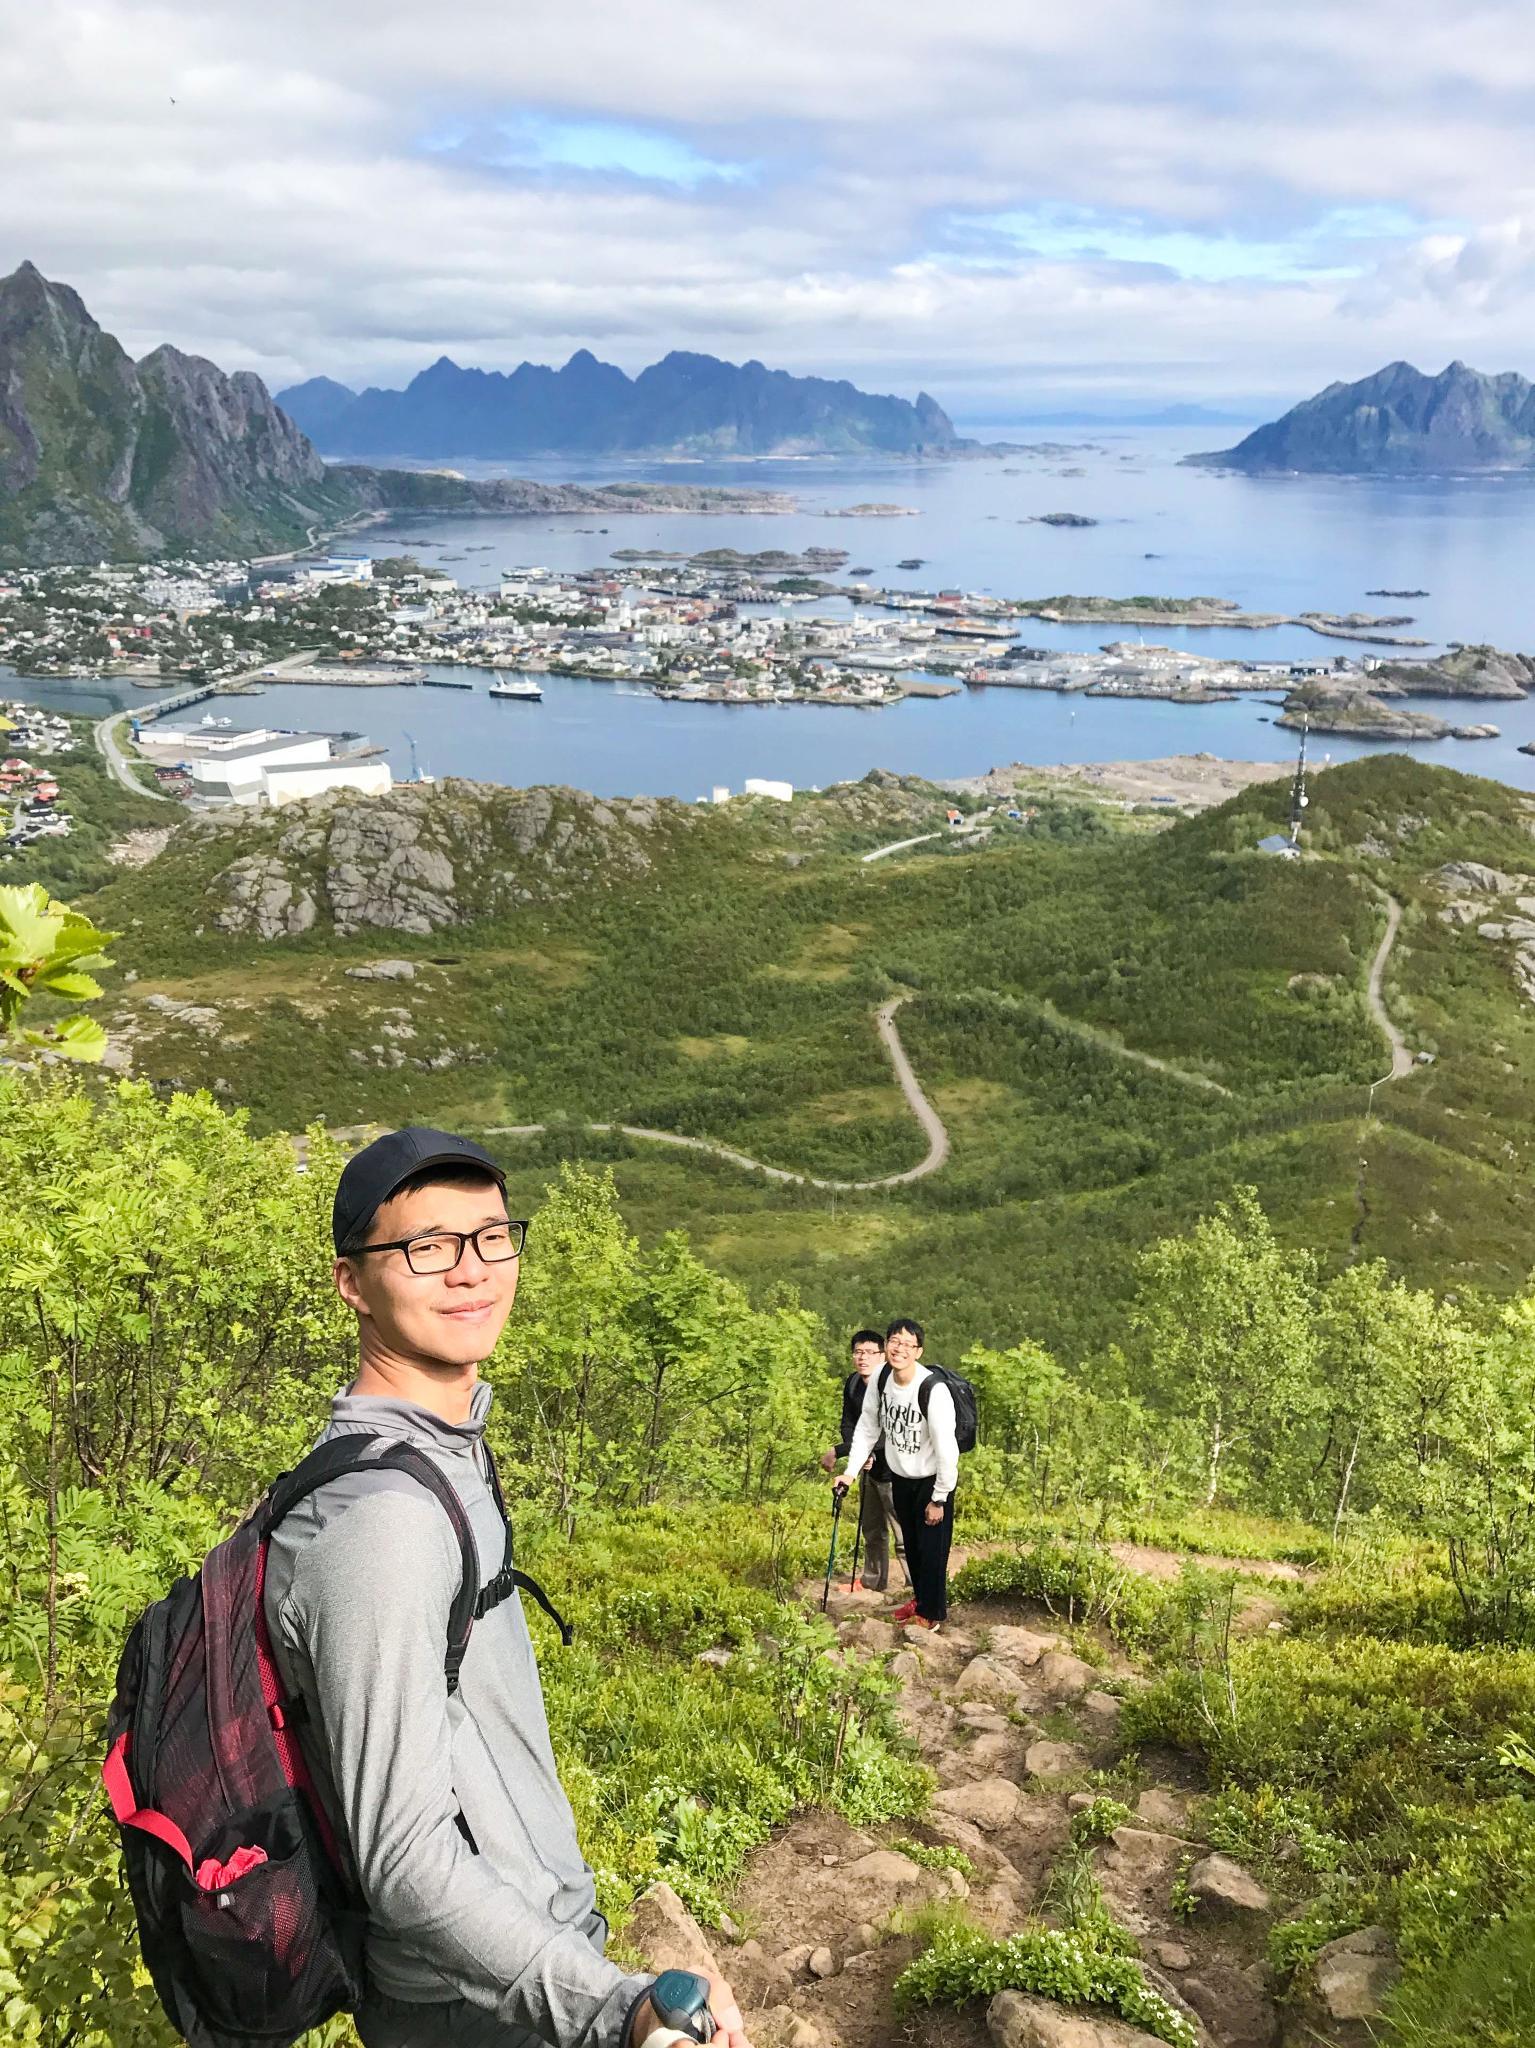 【羅弗敦群島】一次眺望兩個小鎮的人氣健行路線 - Tjeldbergtind Trail 8